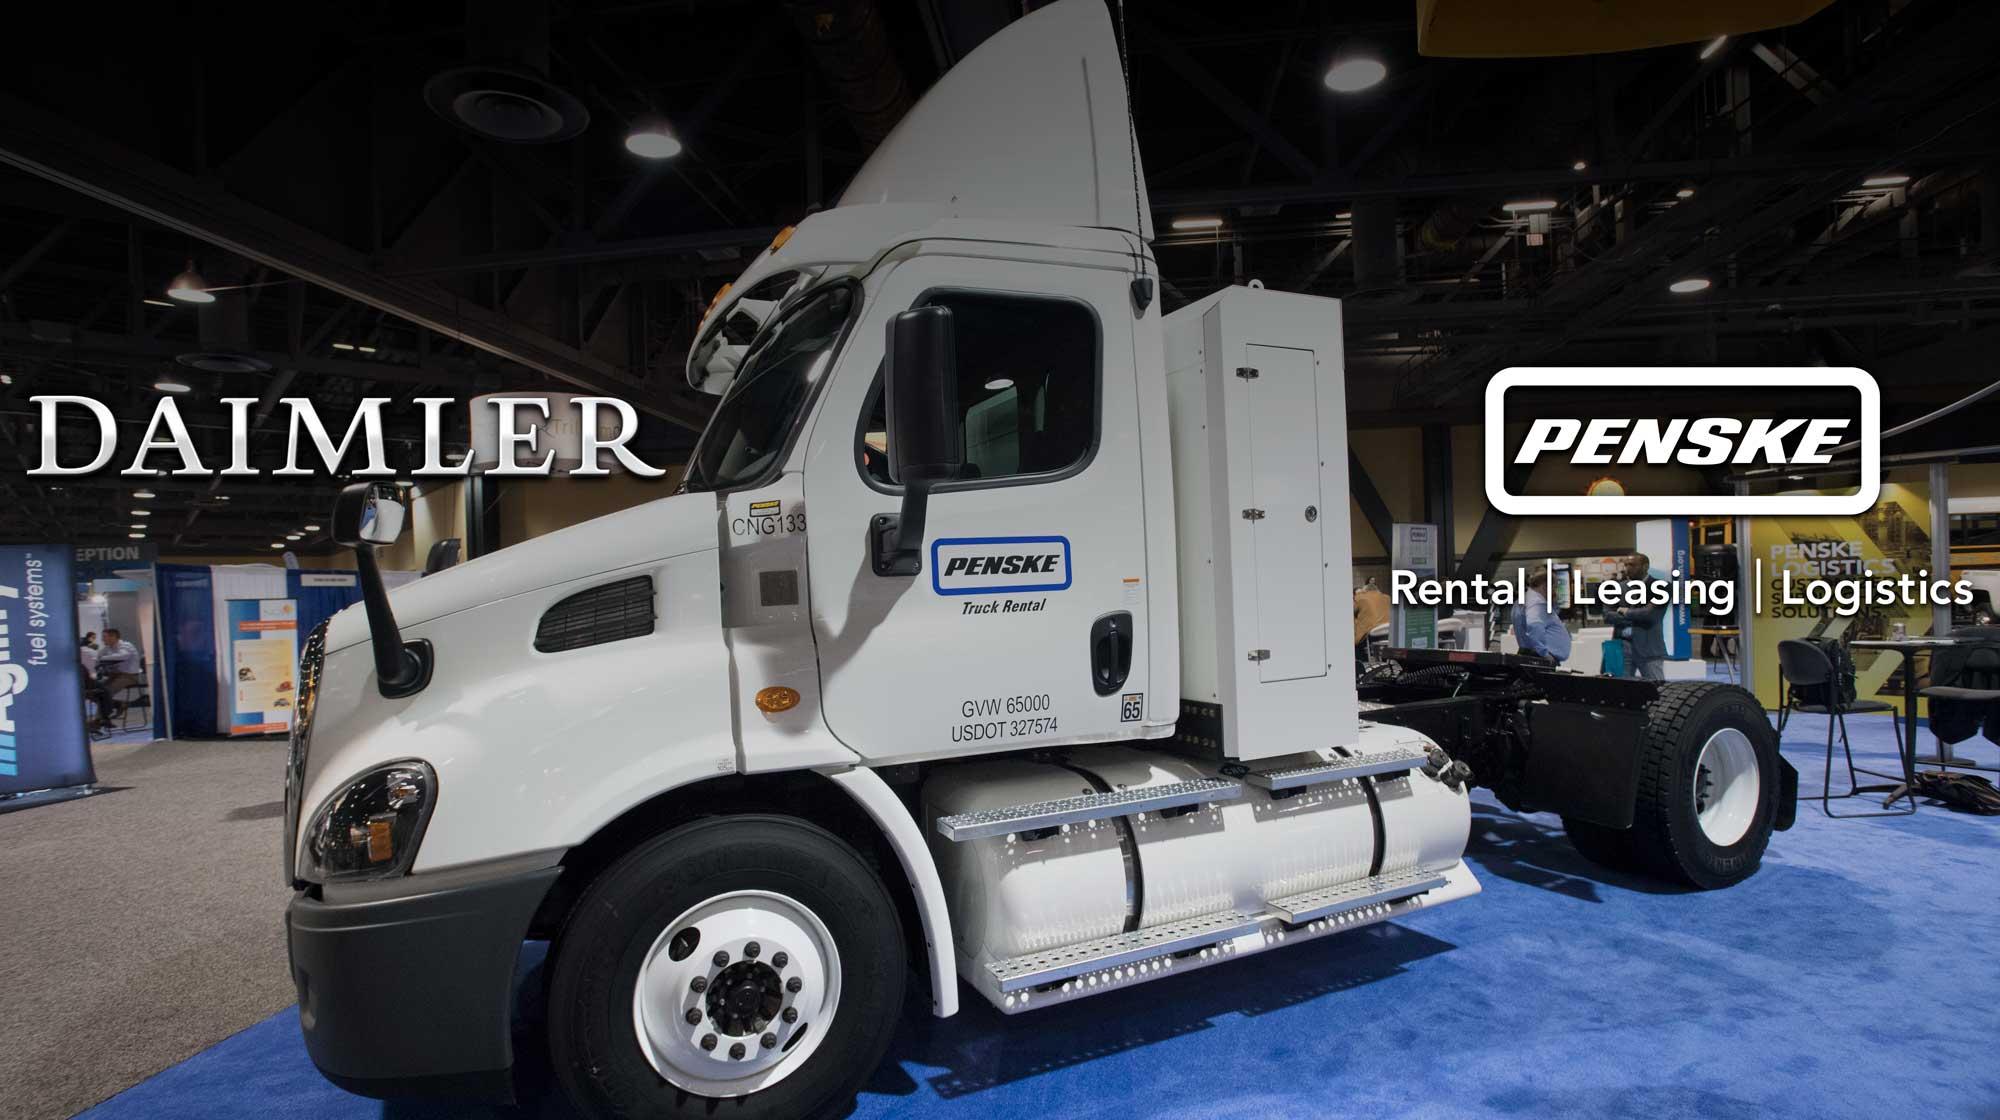 Penske-Daimler